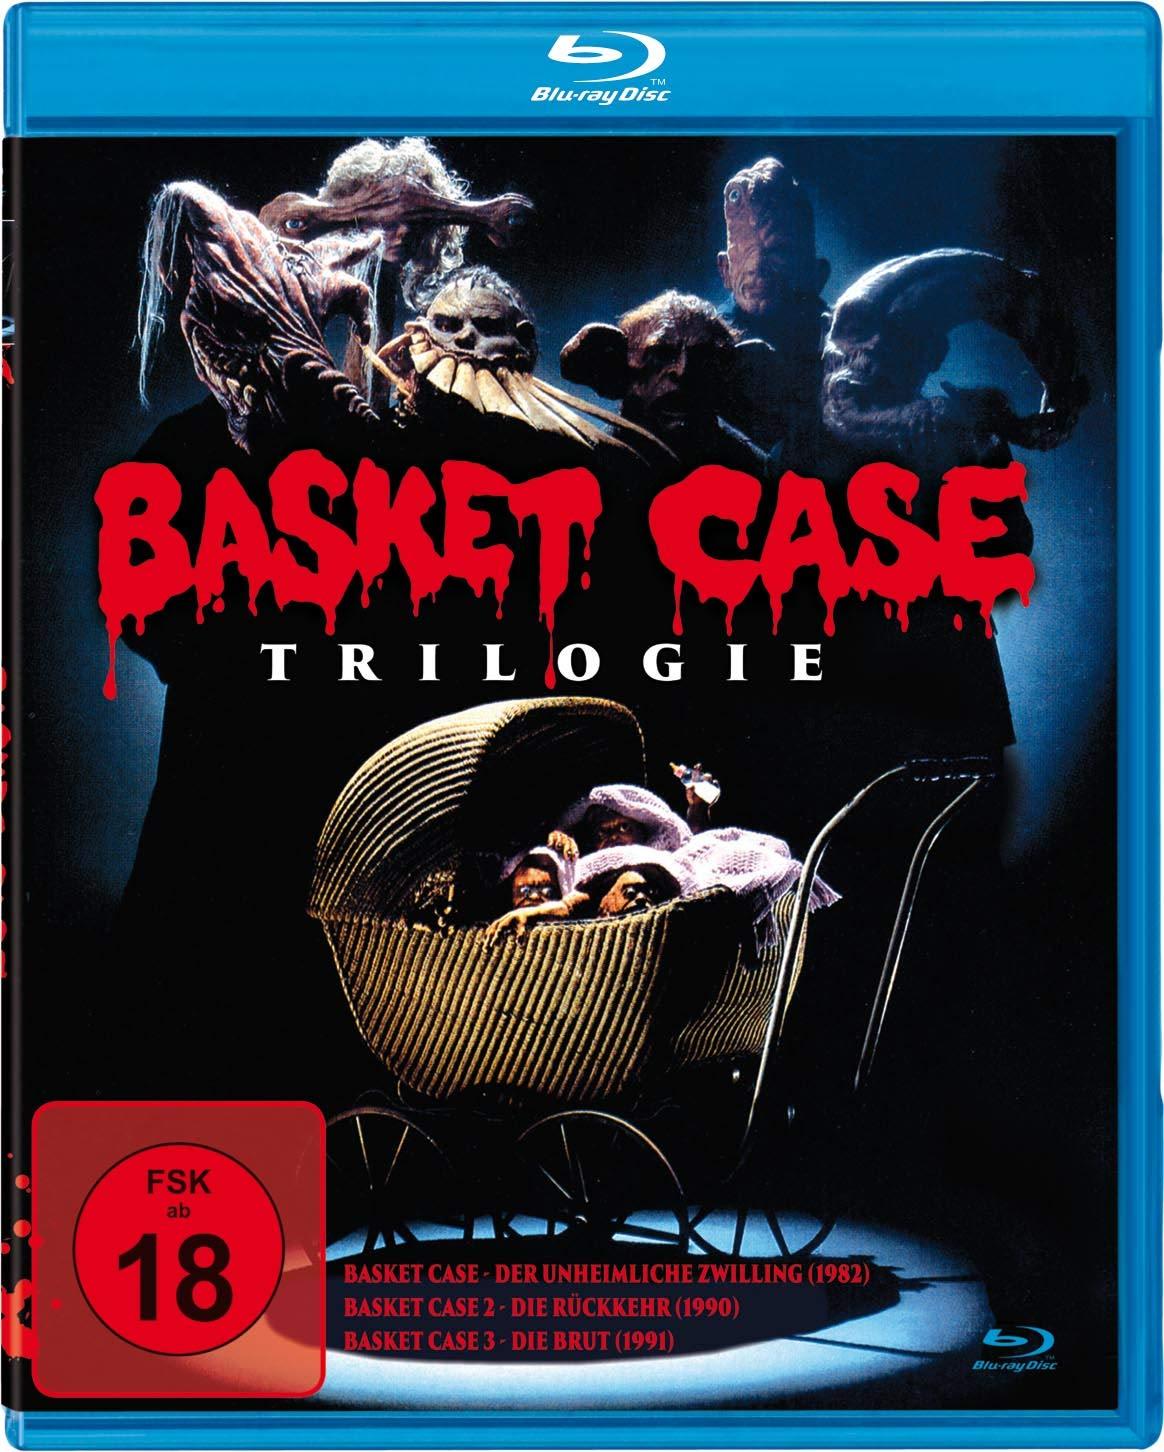 Basket Case Trilogie (3 Discs Blu-ray) für 4,99€ bzw. 4,25€ (Müller)